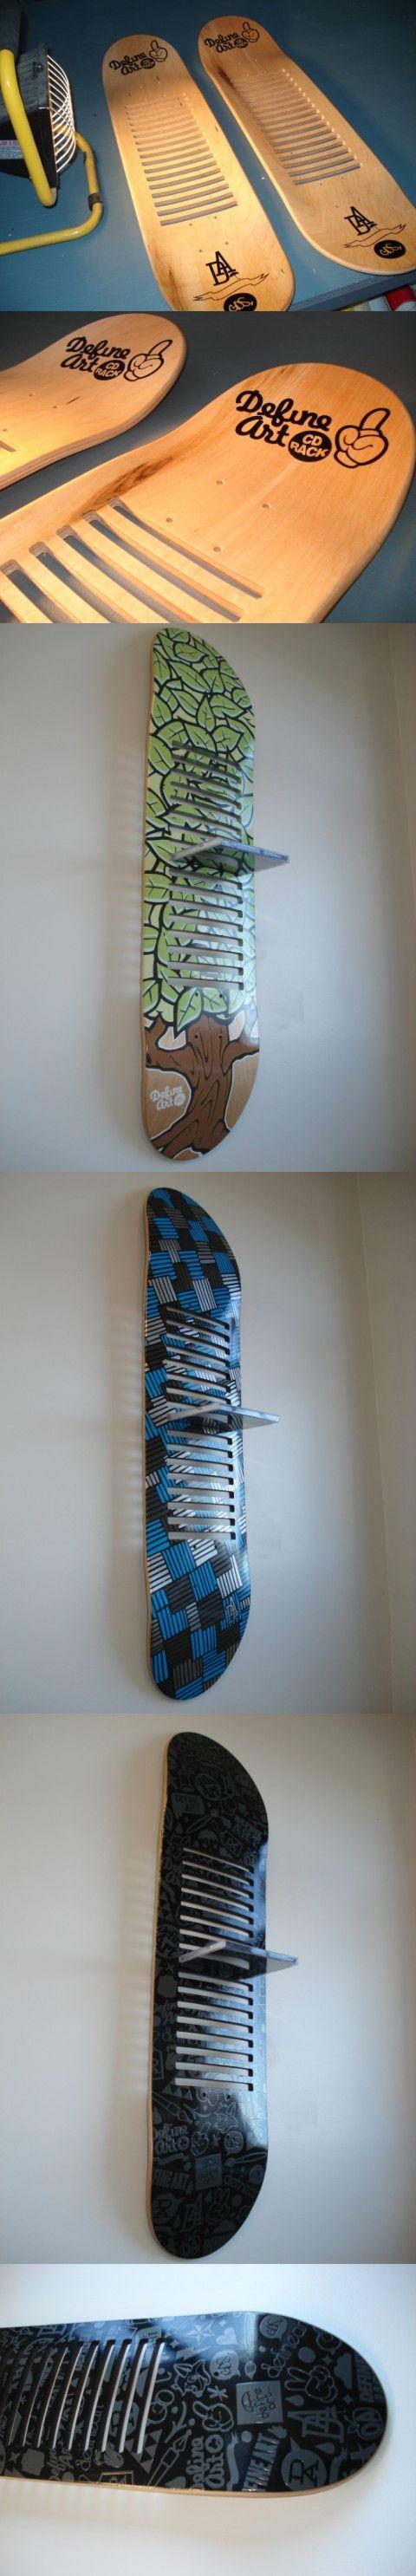 récup' skate